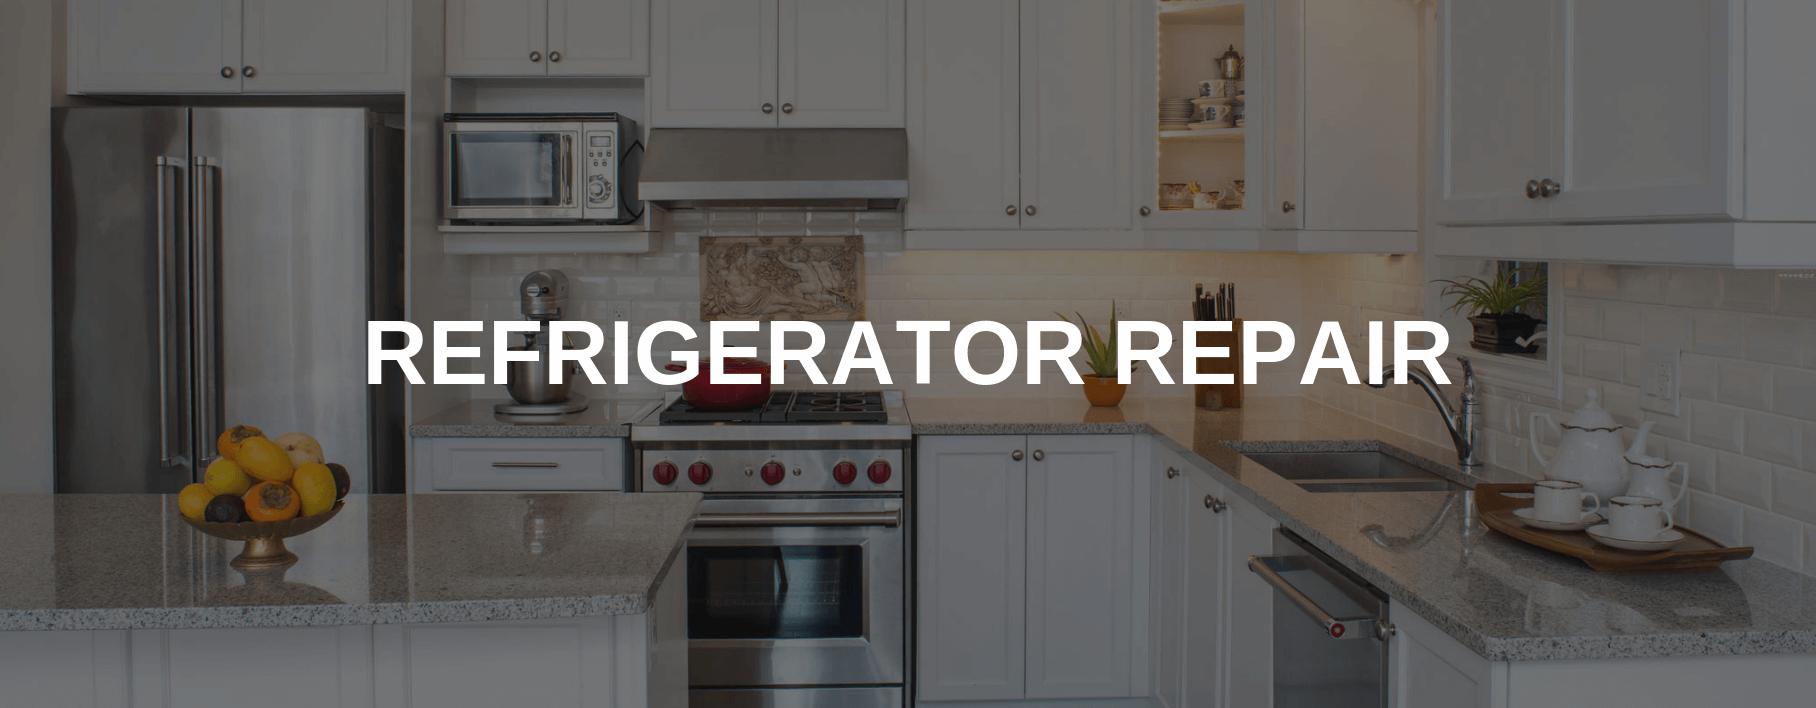 la mesa refrigerator repair